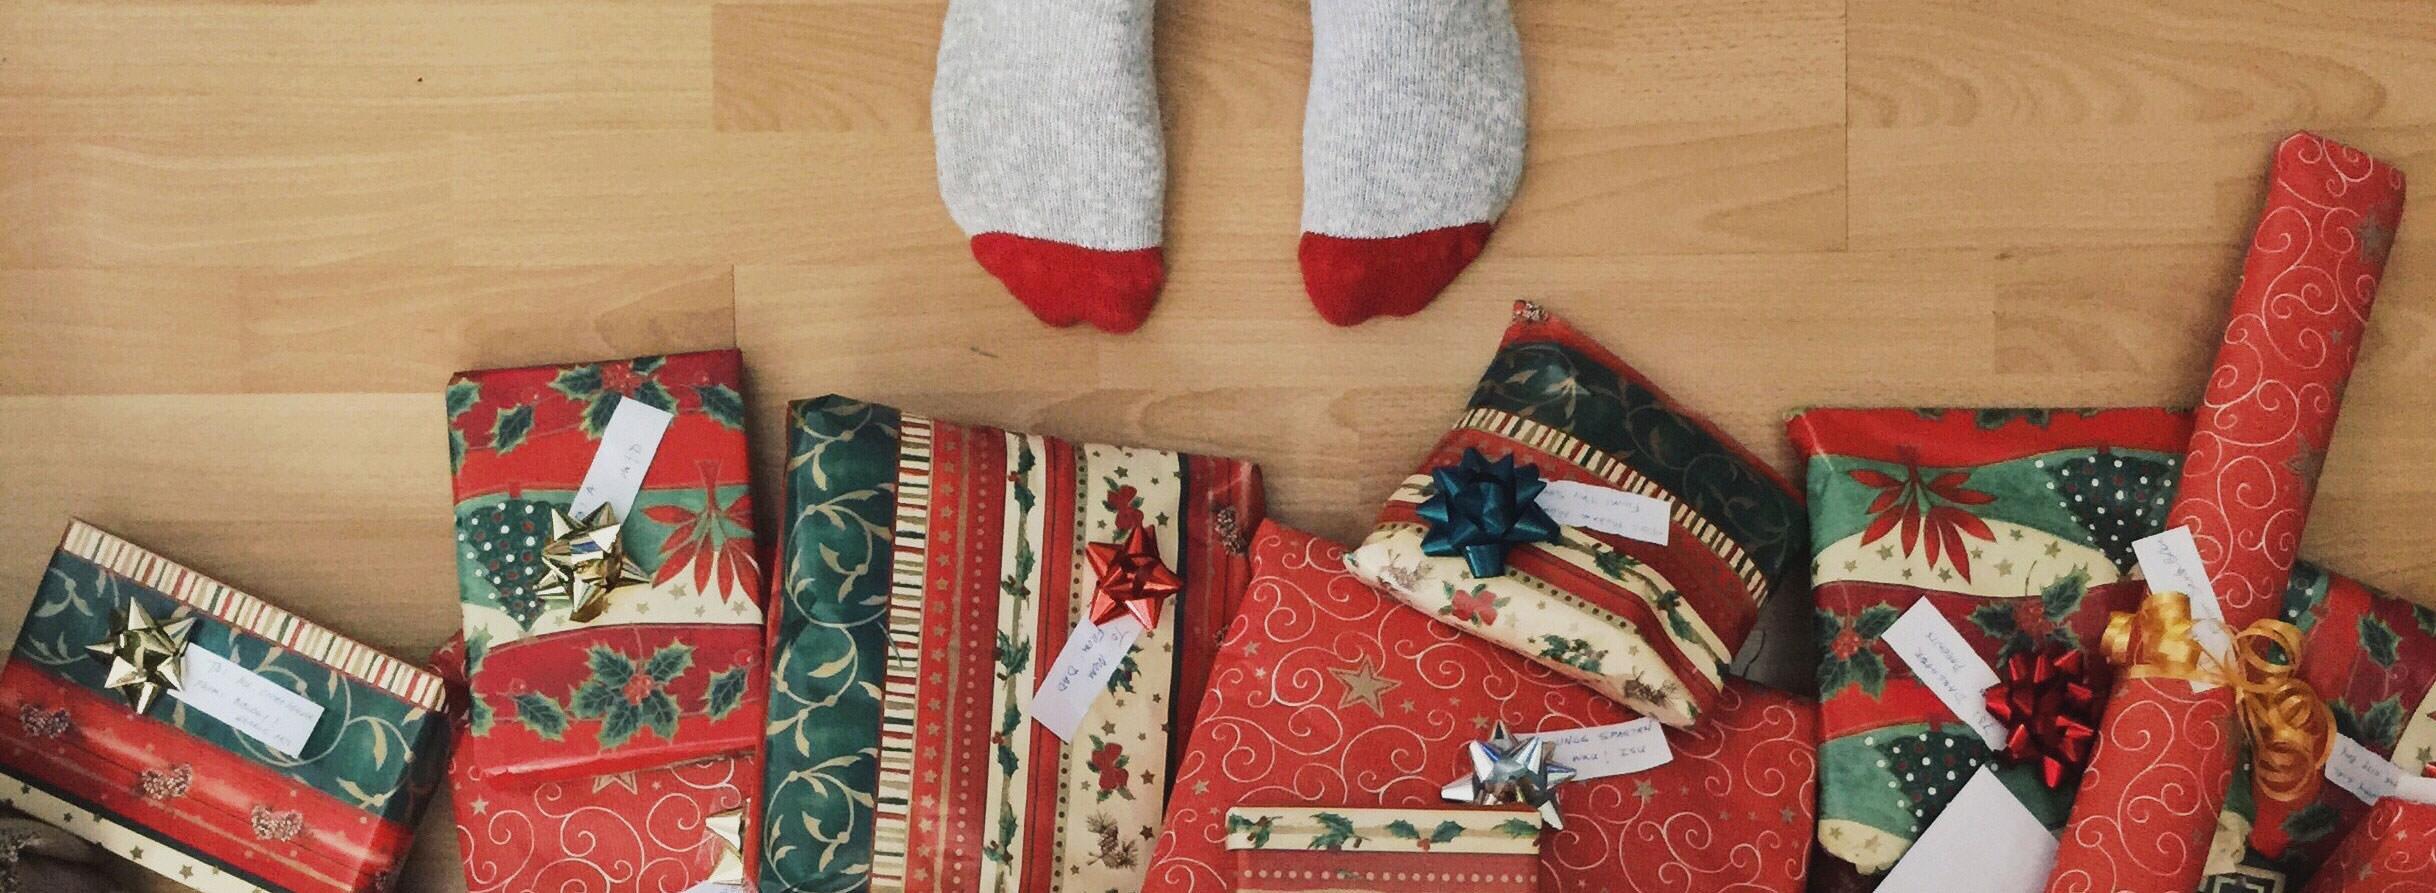 prezenty-dla-podroznika-2017